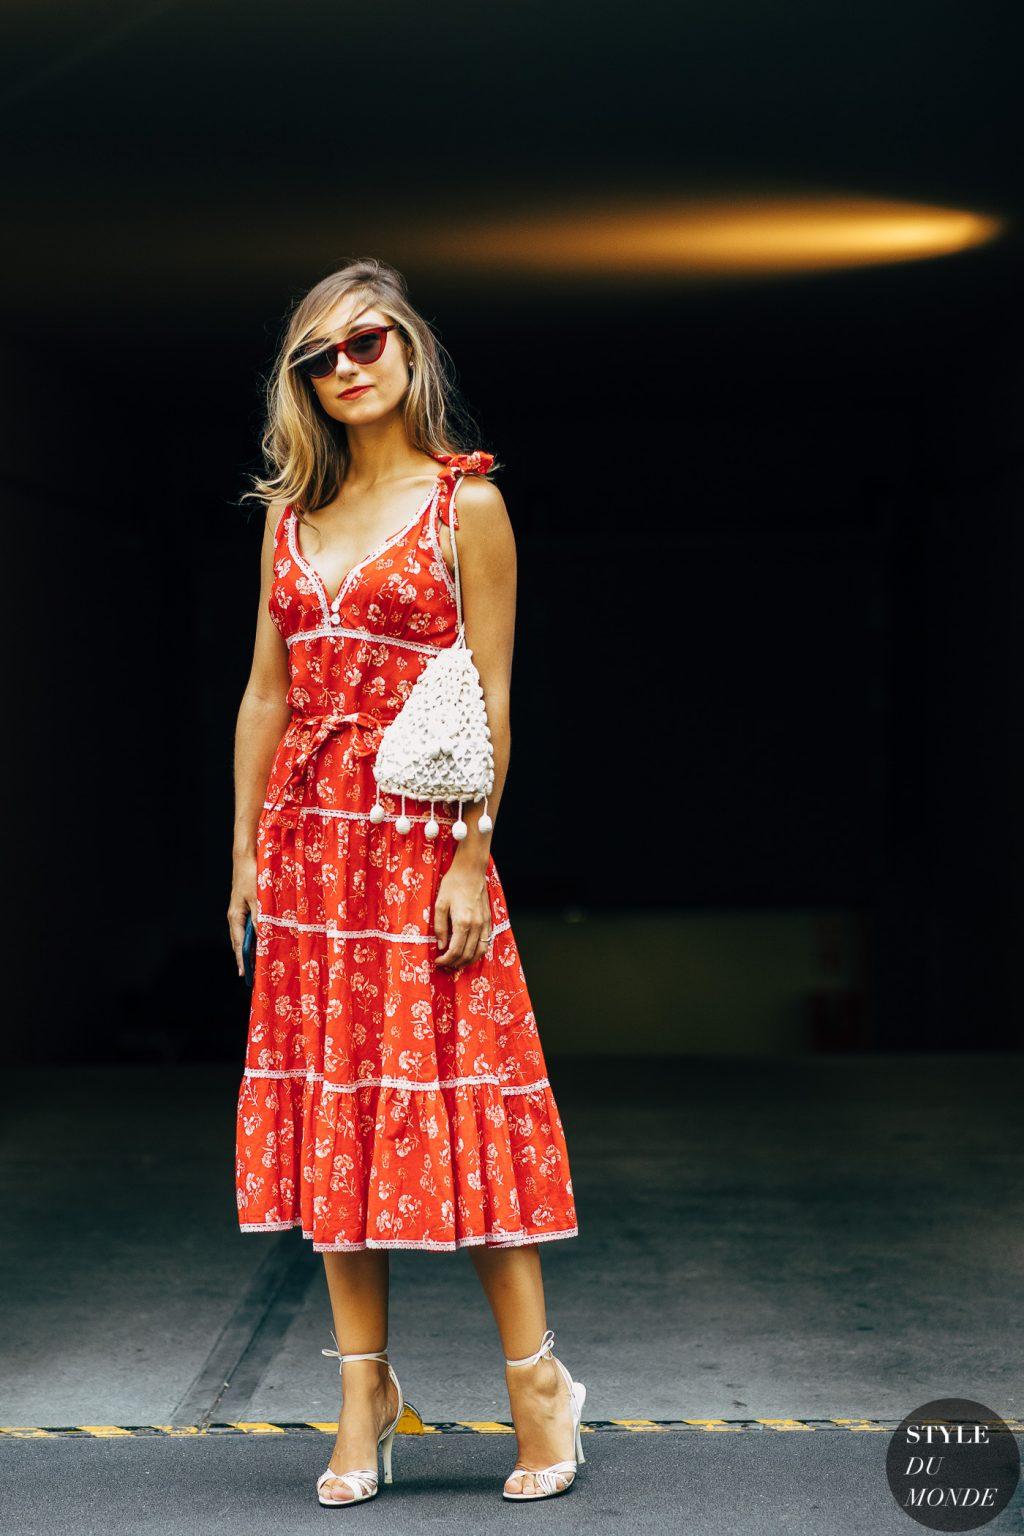 giày cao gót trắng đầm hoa đỏ jenny walton